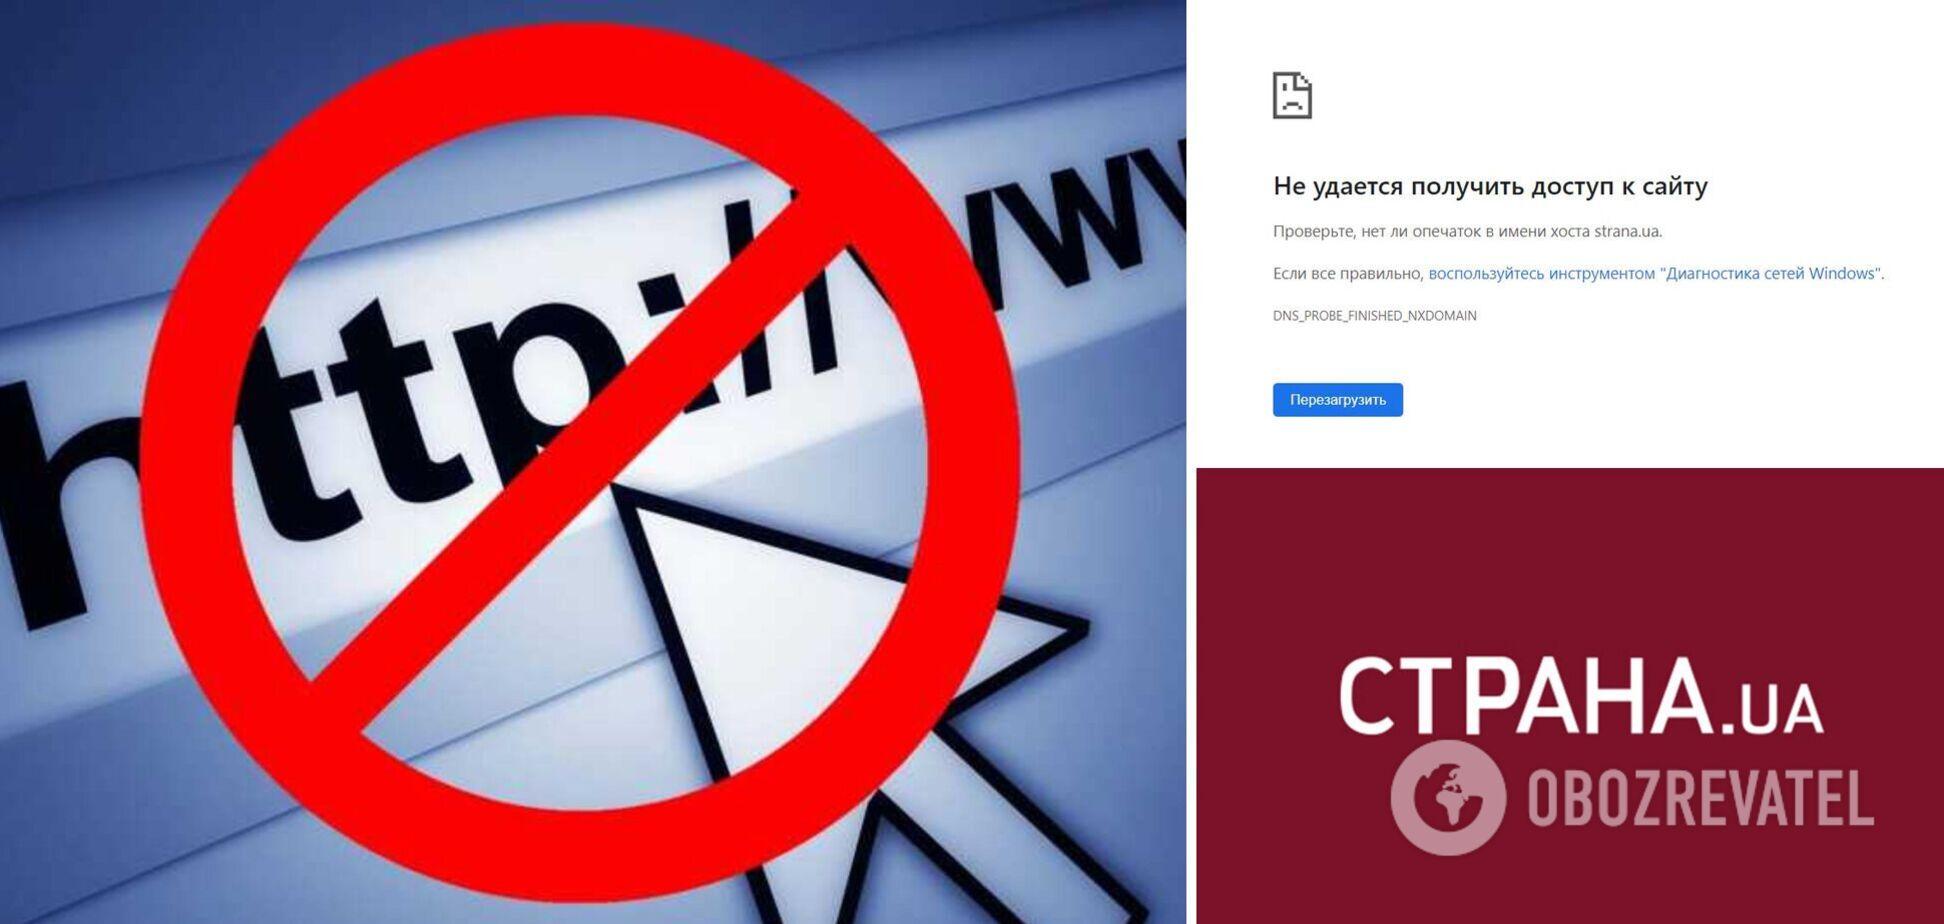 Провайдеры заблокировали сайт 'Страны', издание перешло на новый адрес